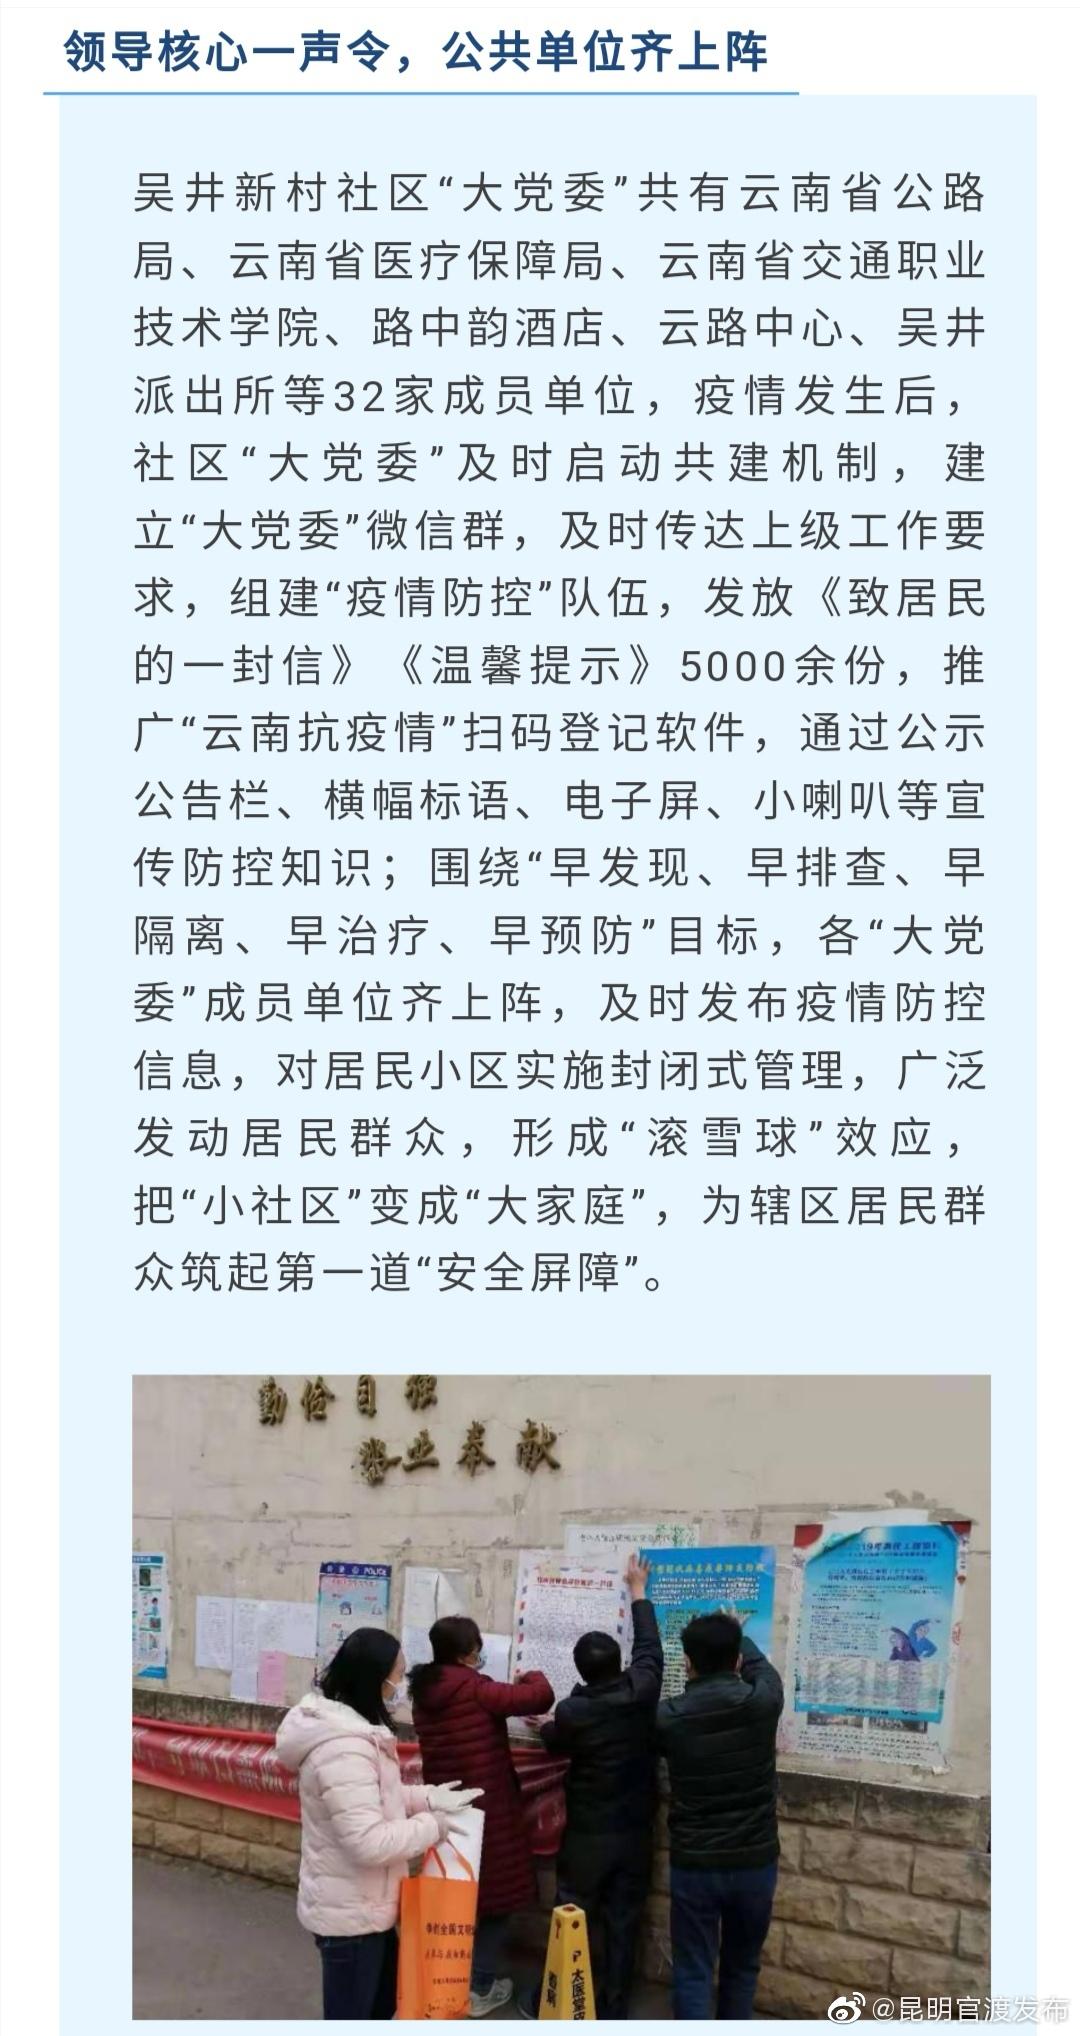 """战""""疫""""· 社区丨吴井新村社区""""大党委""""打响疫情防控攻坚战"""